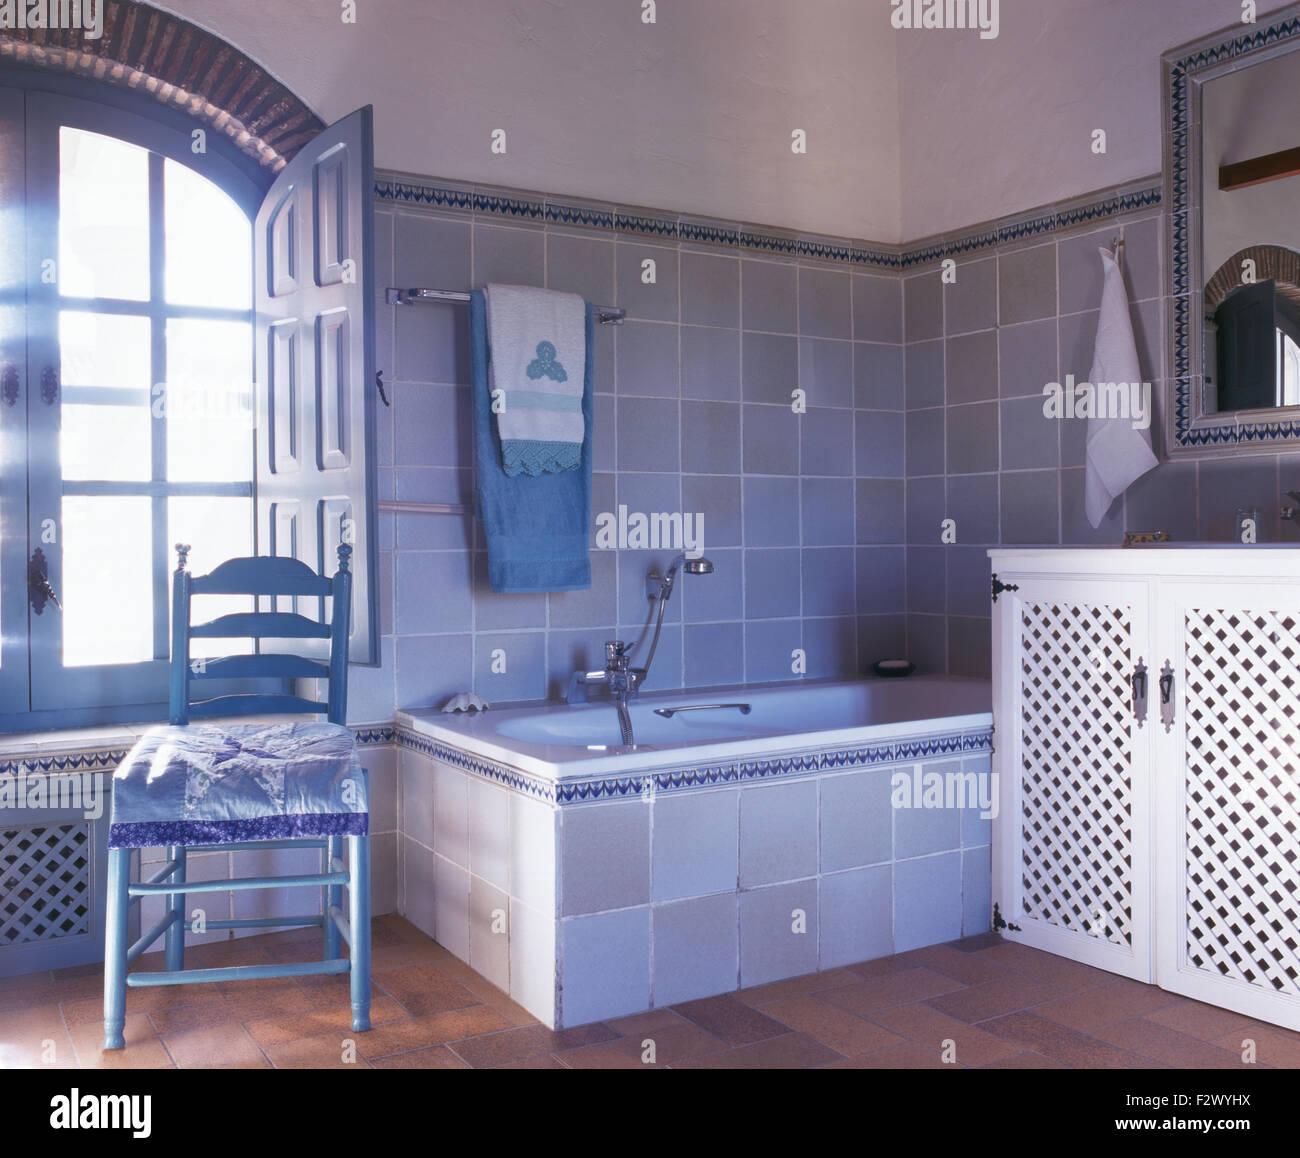 Bemalte Leiter Stuhl Zurück In Blau Grau Gefliest Spanischen Bad